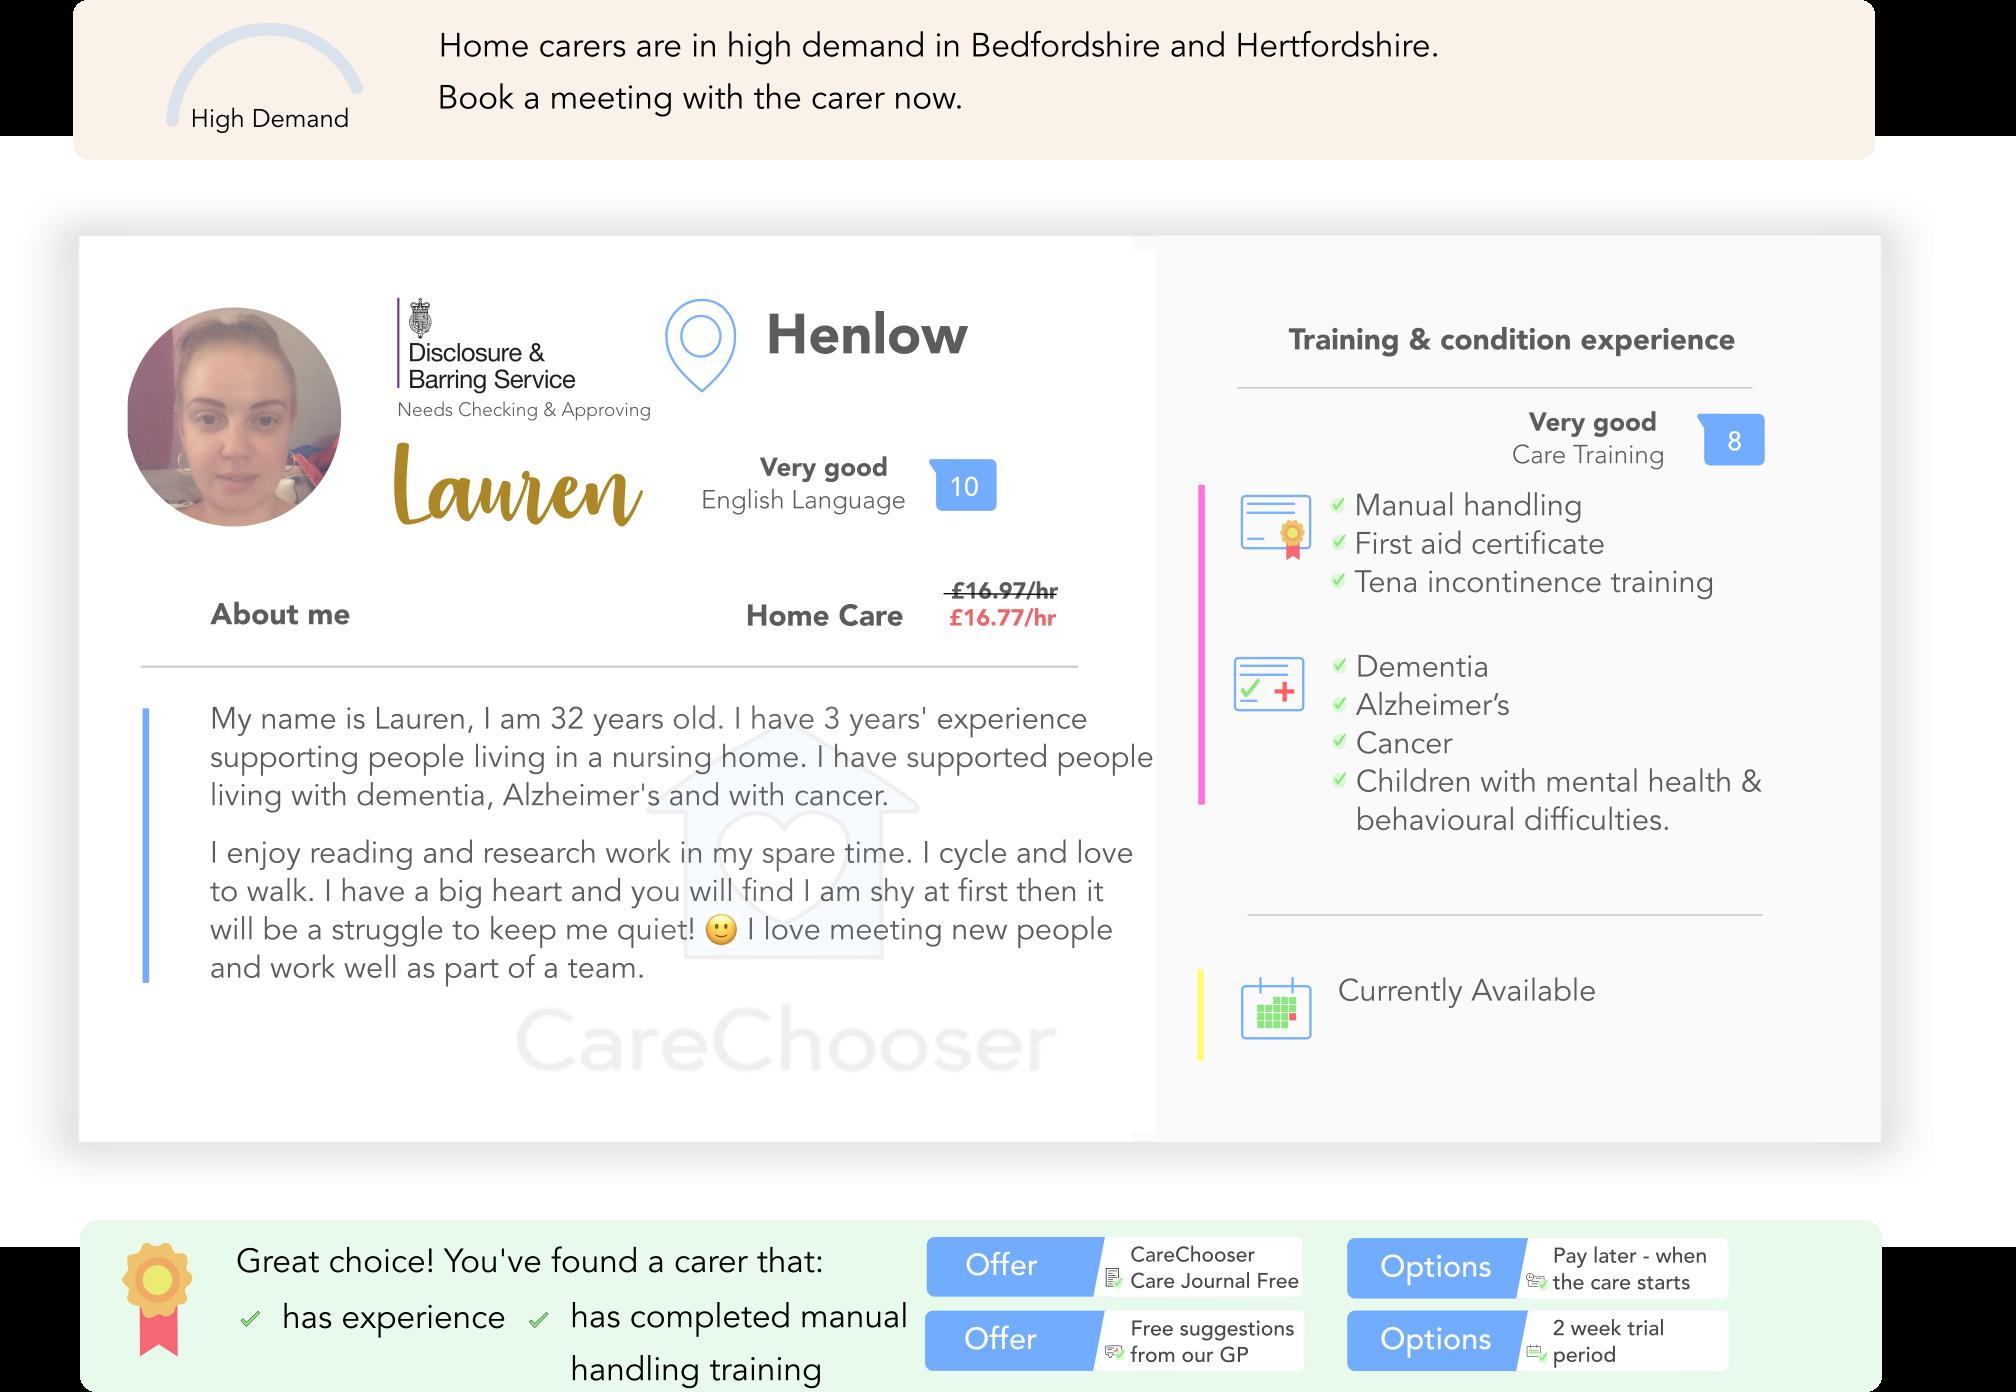 Lauren - home care - Henlow.png